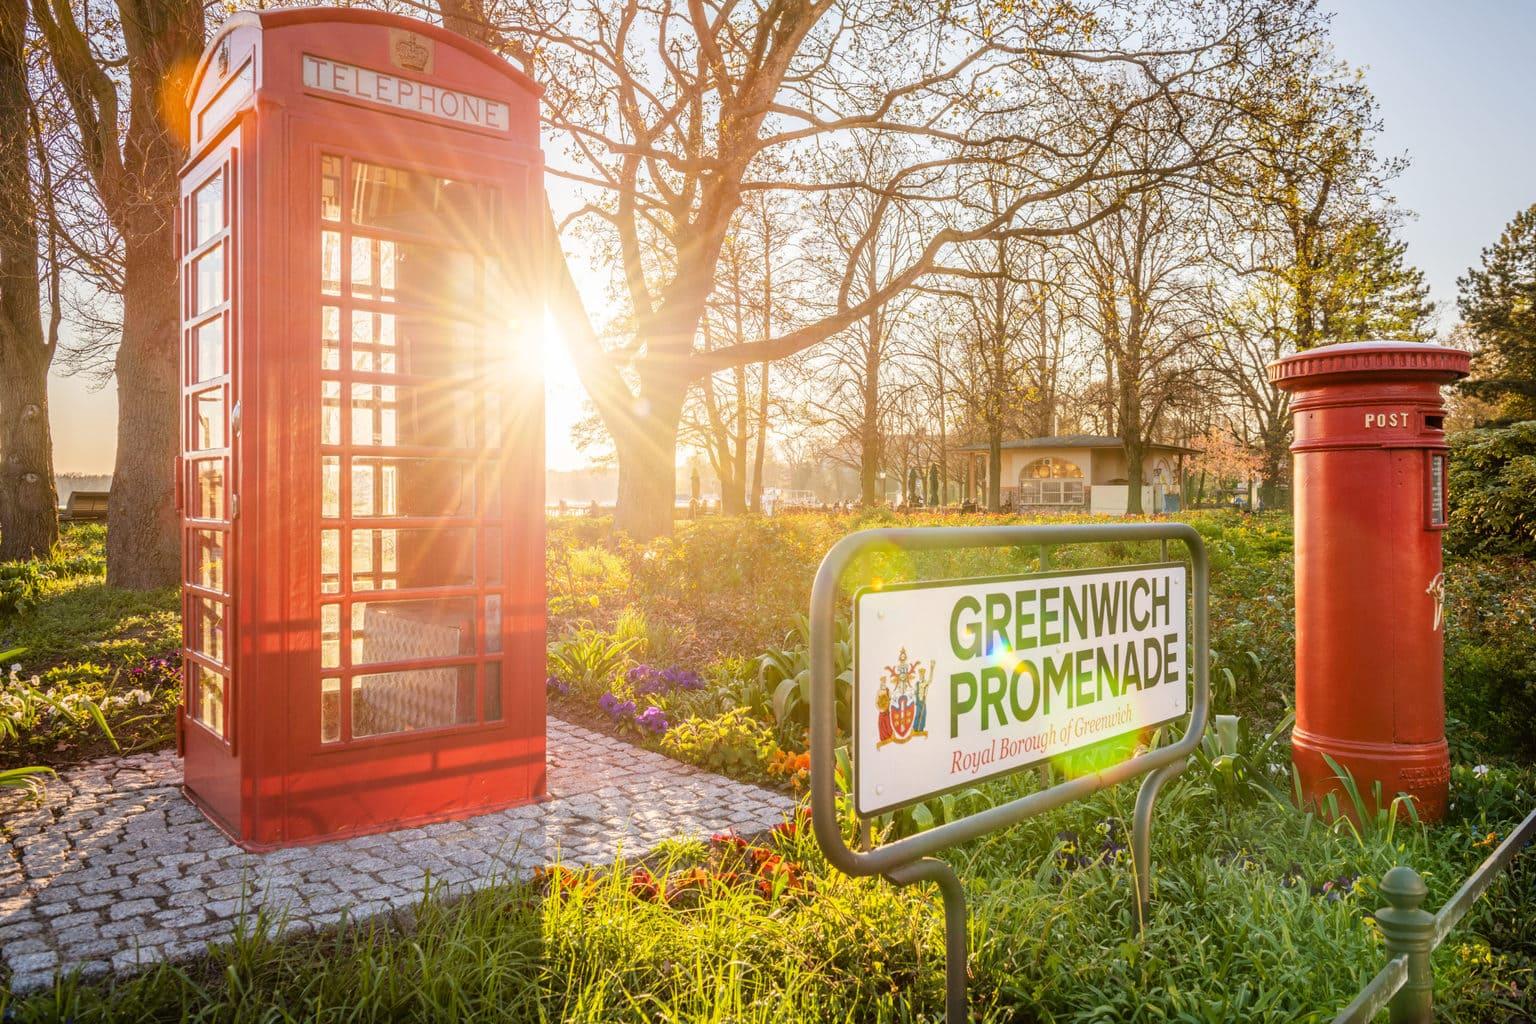 Een oude Britse telefooncel aan de Greenwichpromenade in Berlijn